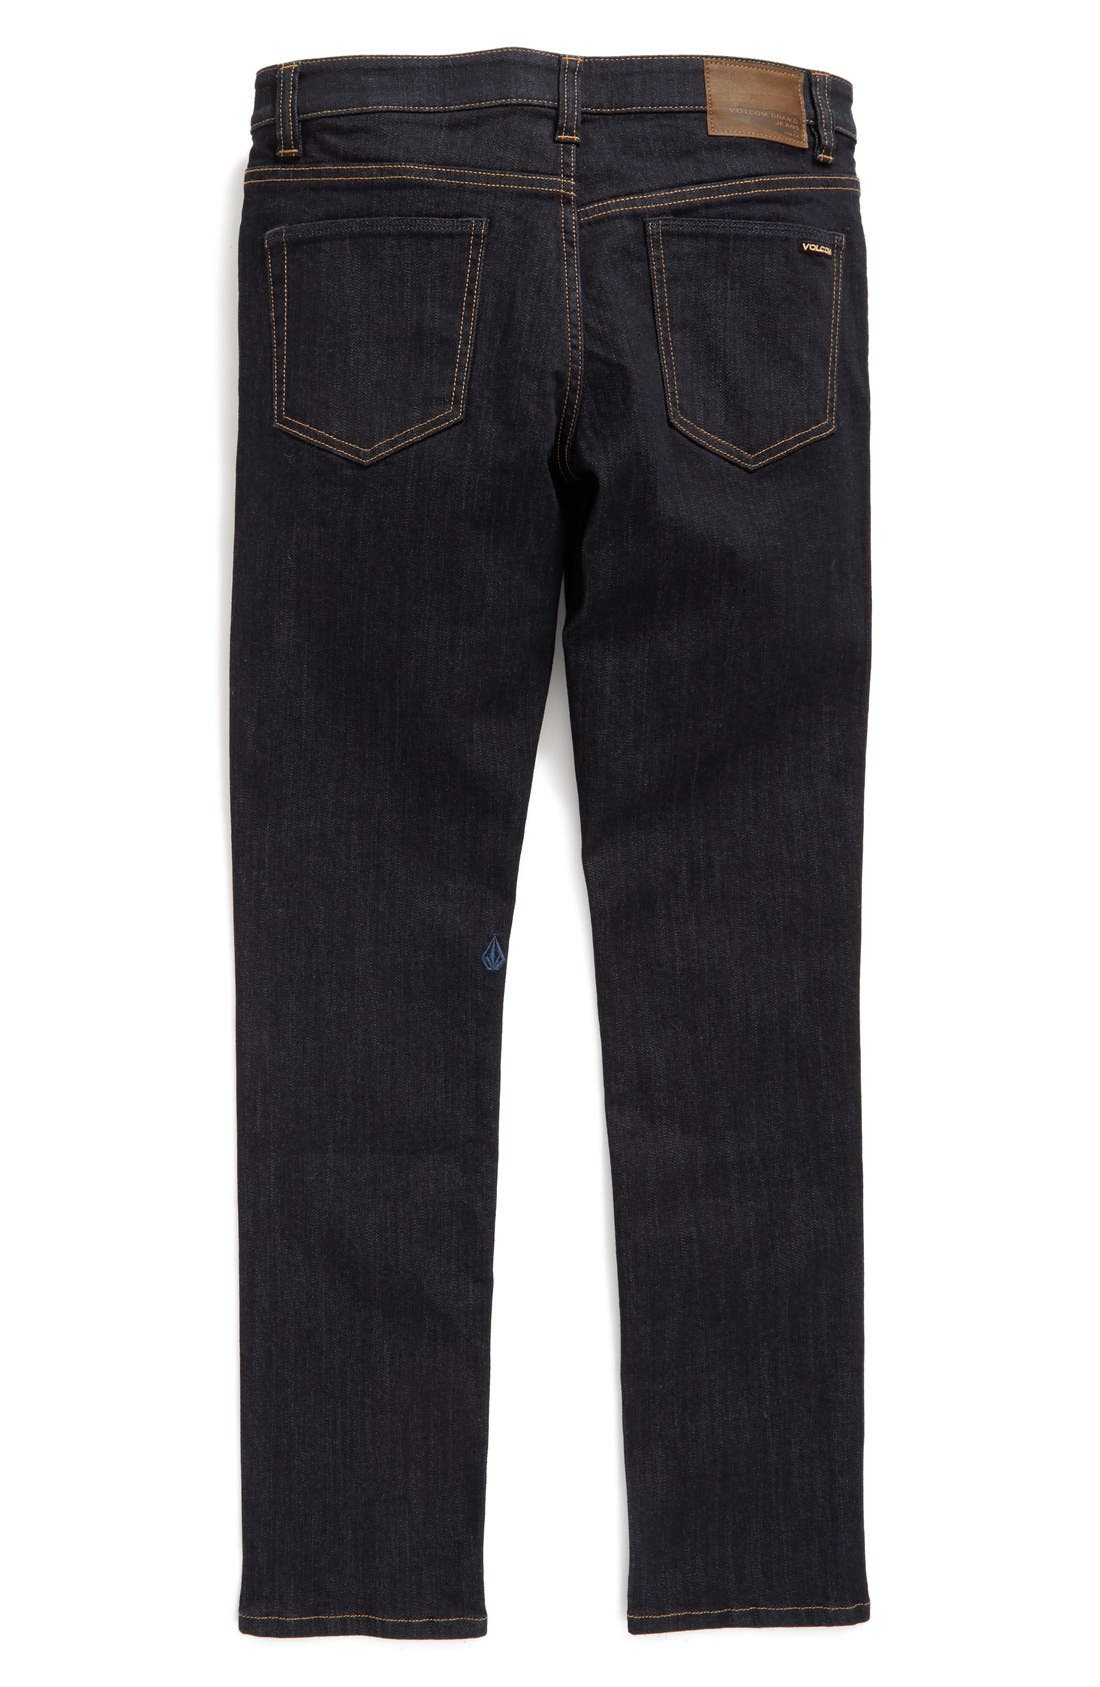 VOLCOM, 'Solver' Straight Leg Denim Jeans, Alternate thumbnail 2, color, BLUE RINSE